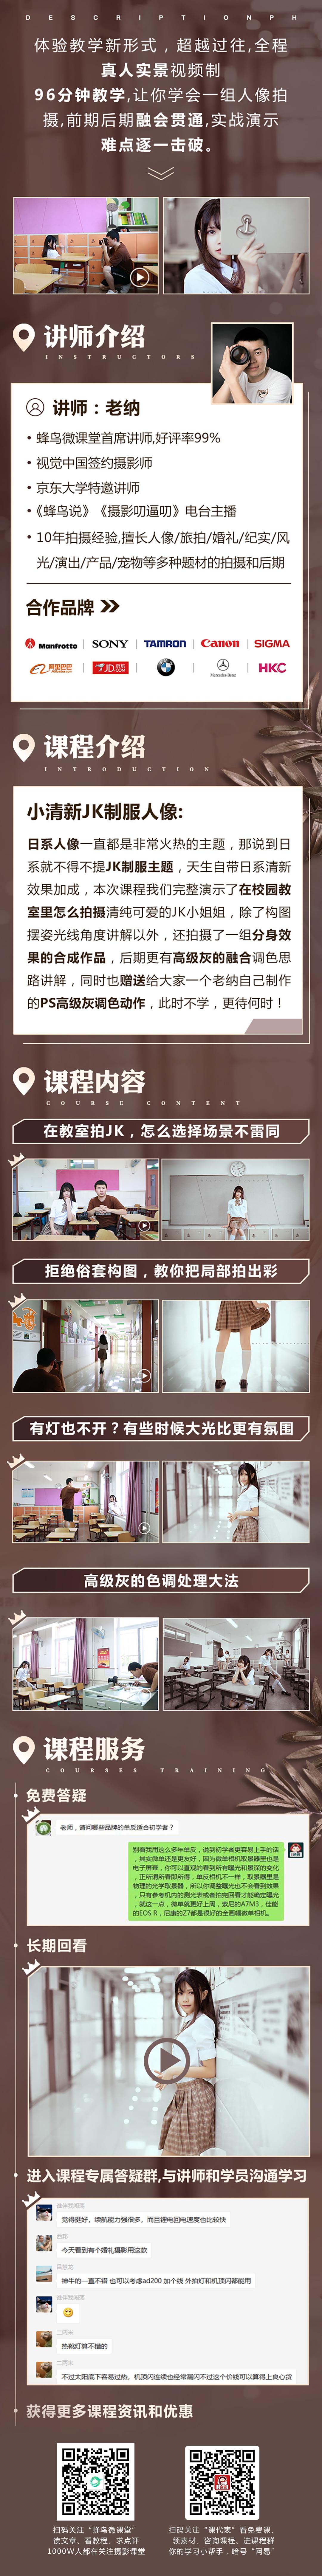 人像高手训练营(日系制服篇).jpg